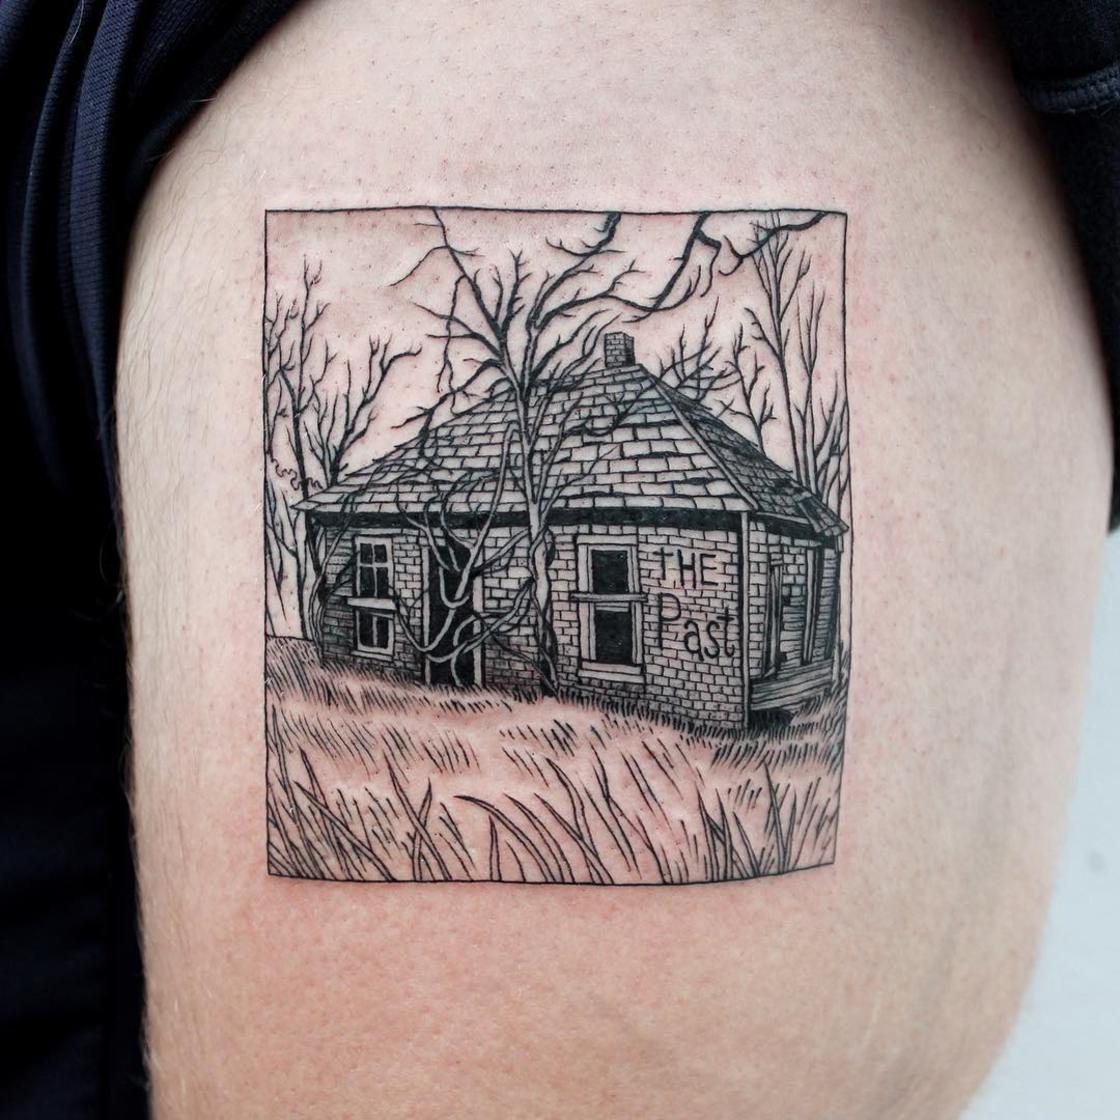 Black Lines - The impressive blackwork tattoos of A-B M Tattoo